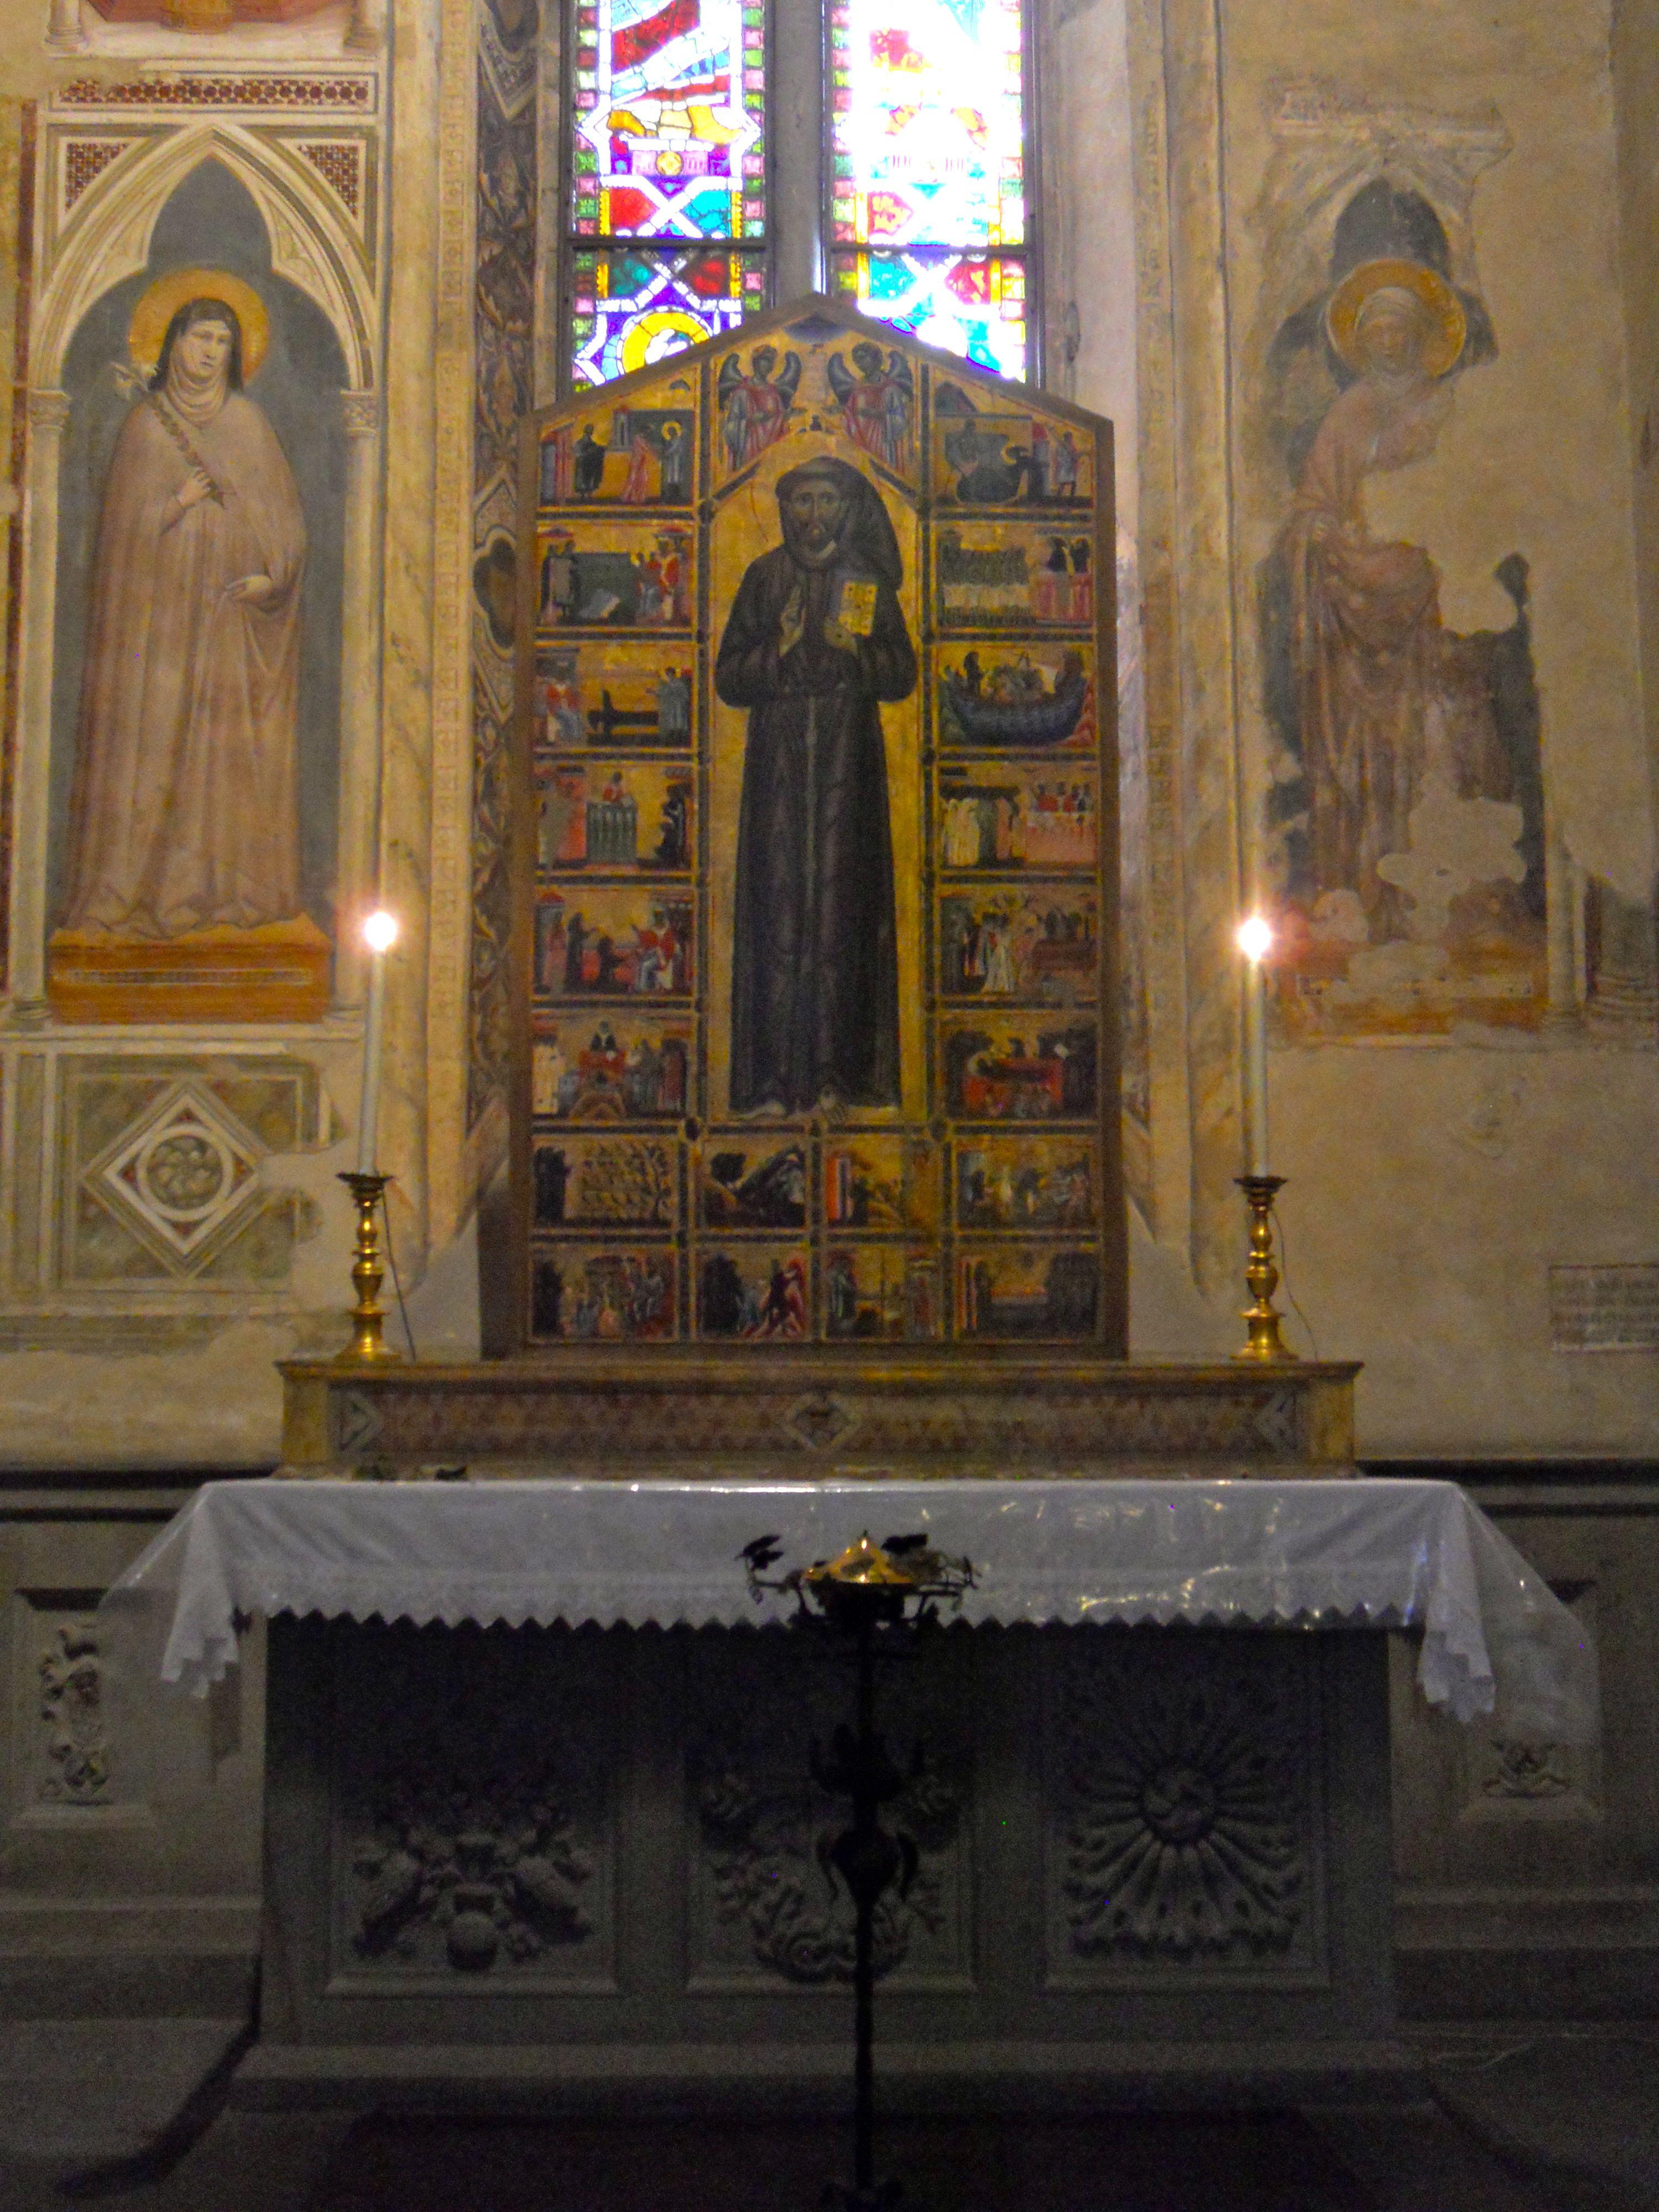 Florence Santa Croce St Francis altarpiece